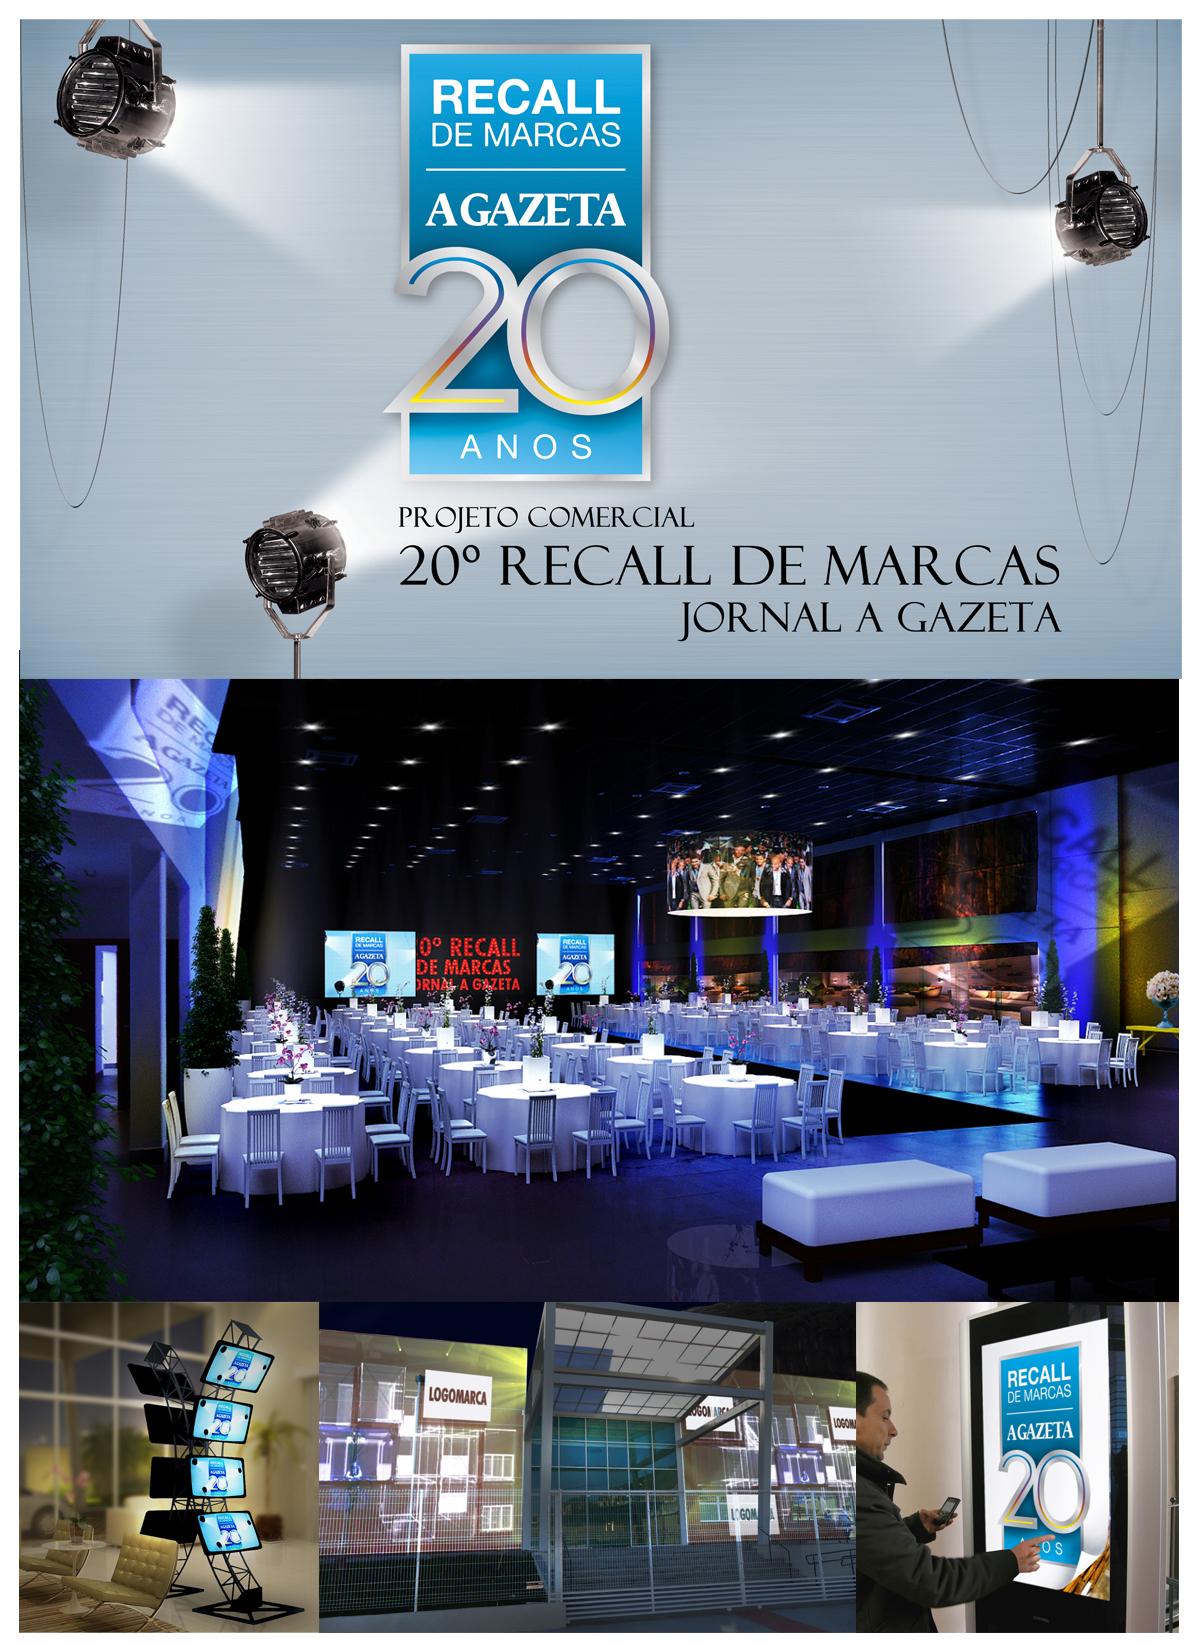 Recall de Marcas A Gazeta 2012